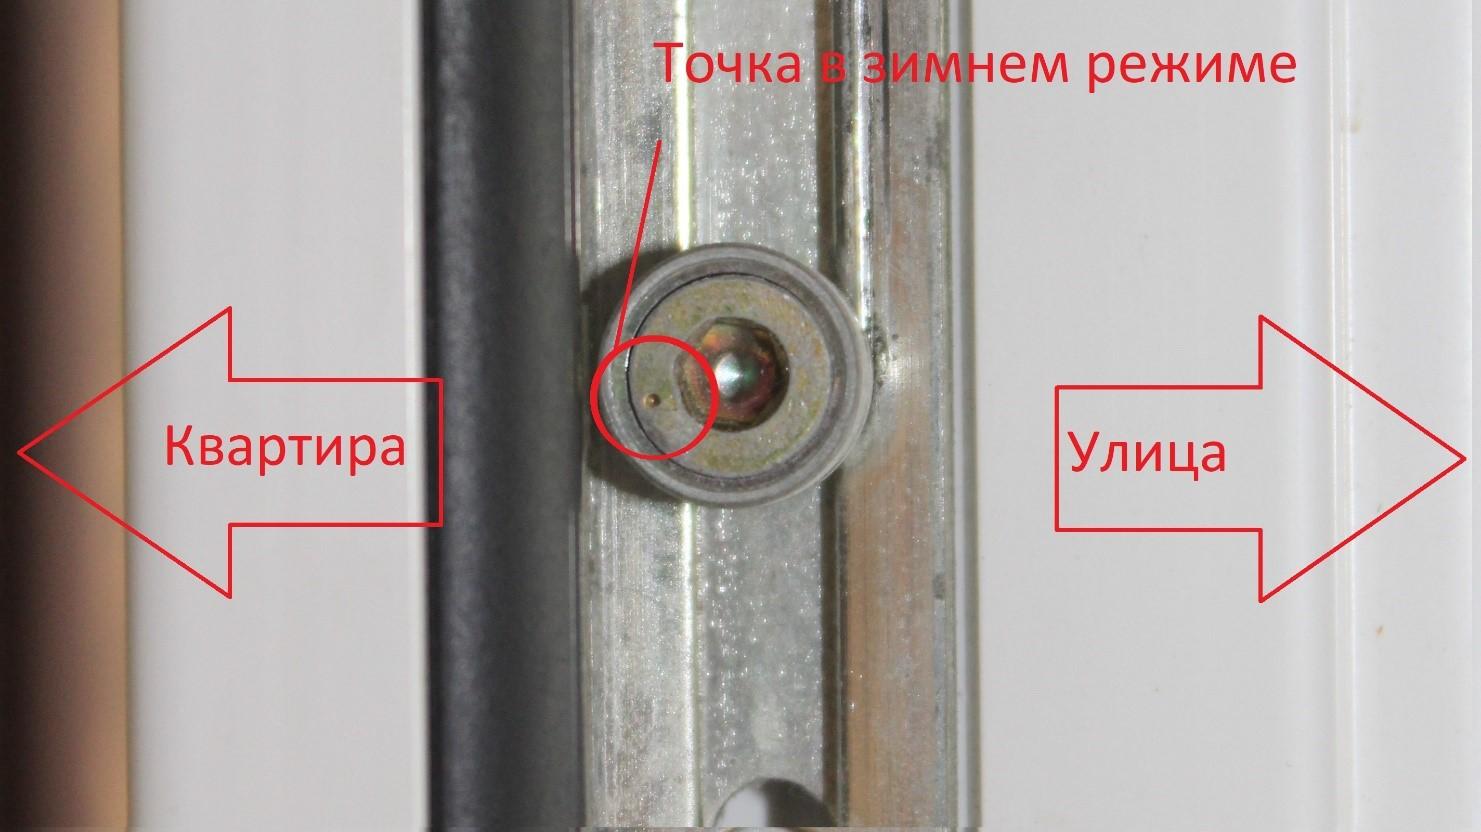 Как самостоятельно отрегулировать пластиковые окна и избавиться от трения створки об раму при её закрывании